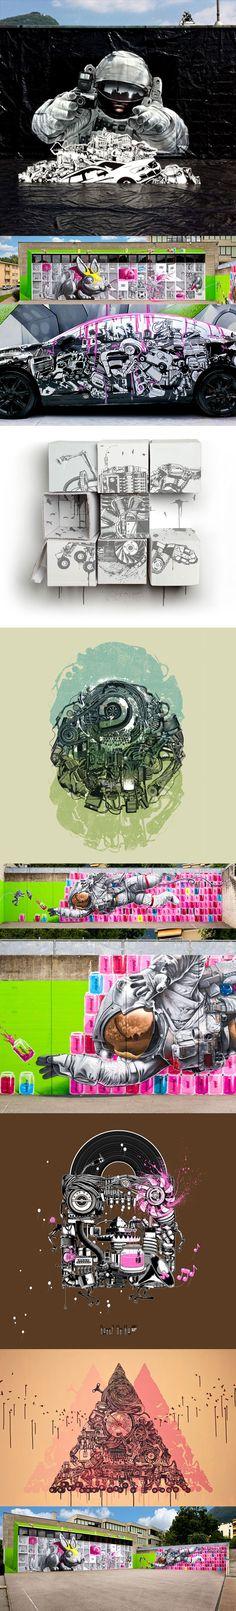 Artes Abstratas